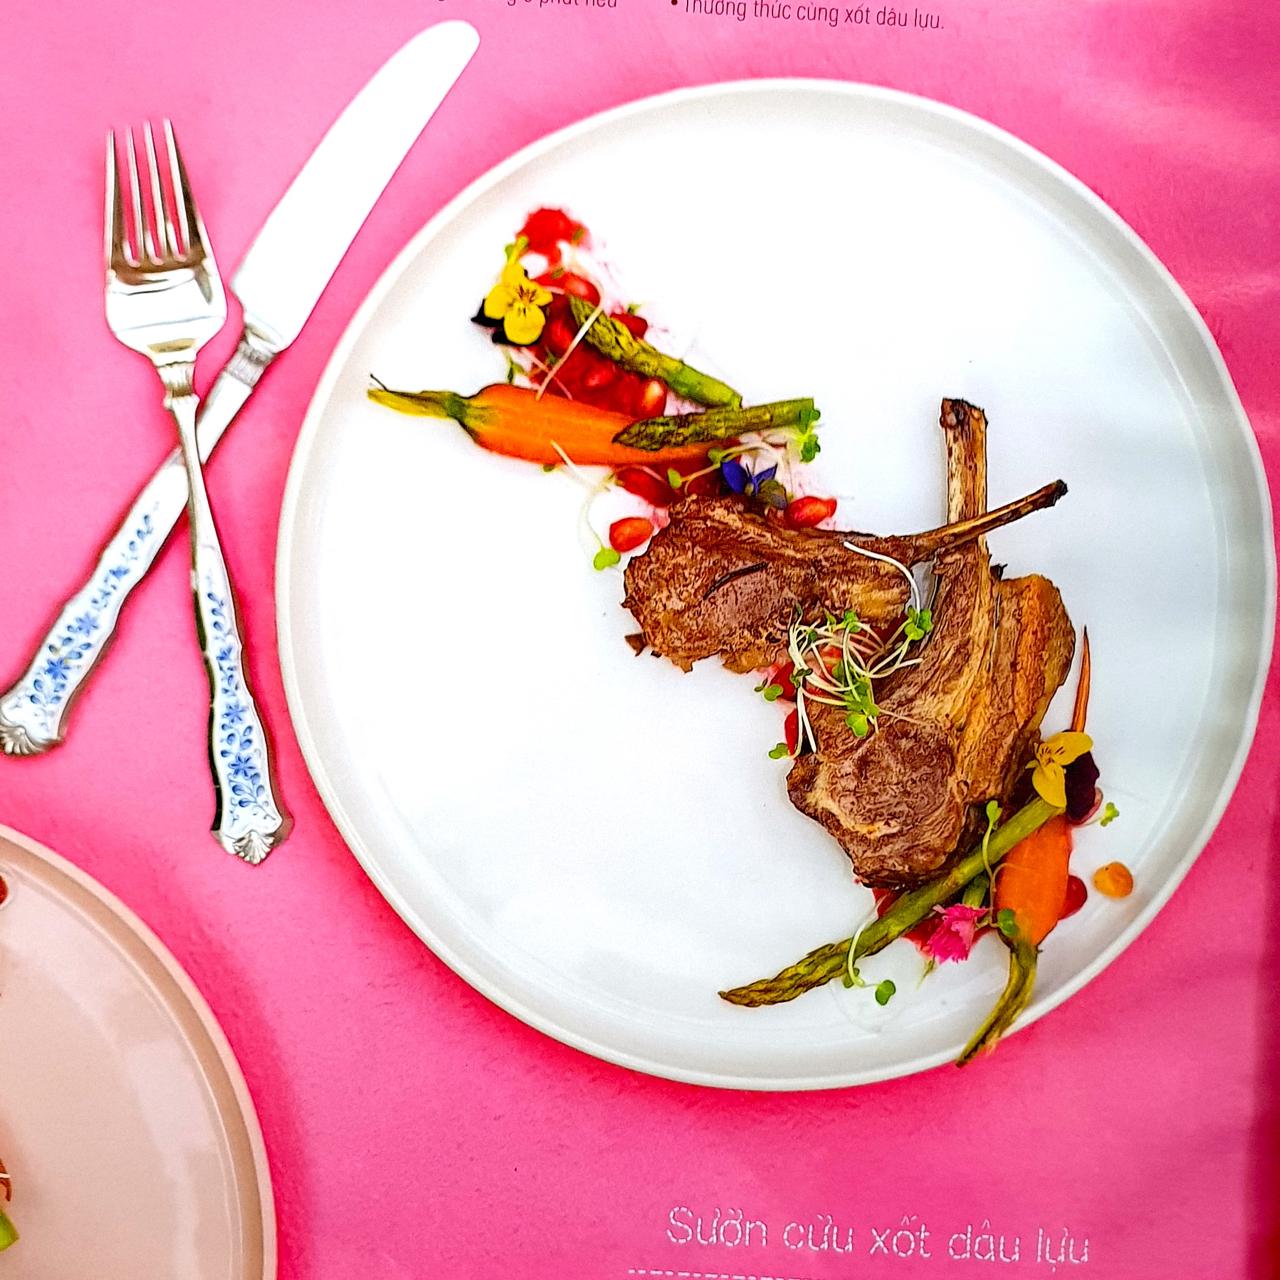 2 đĩa steak kèm một chút nước sốt dâu